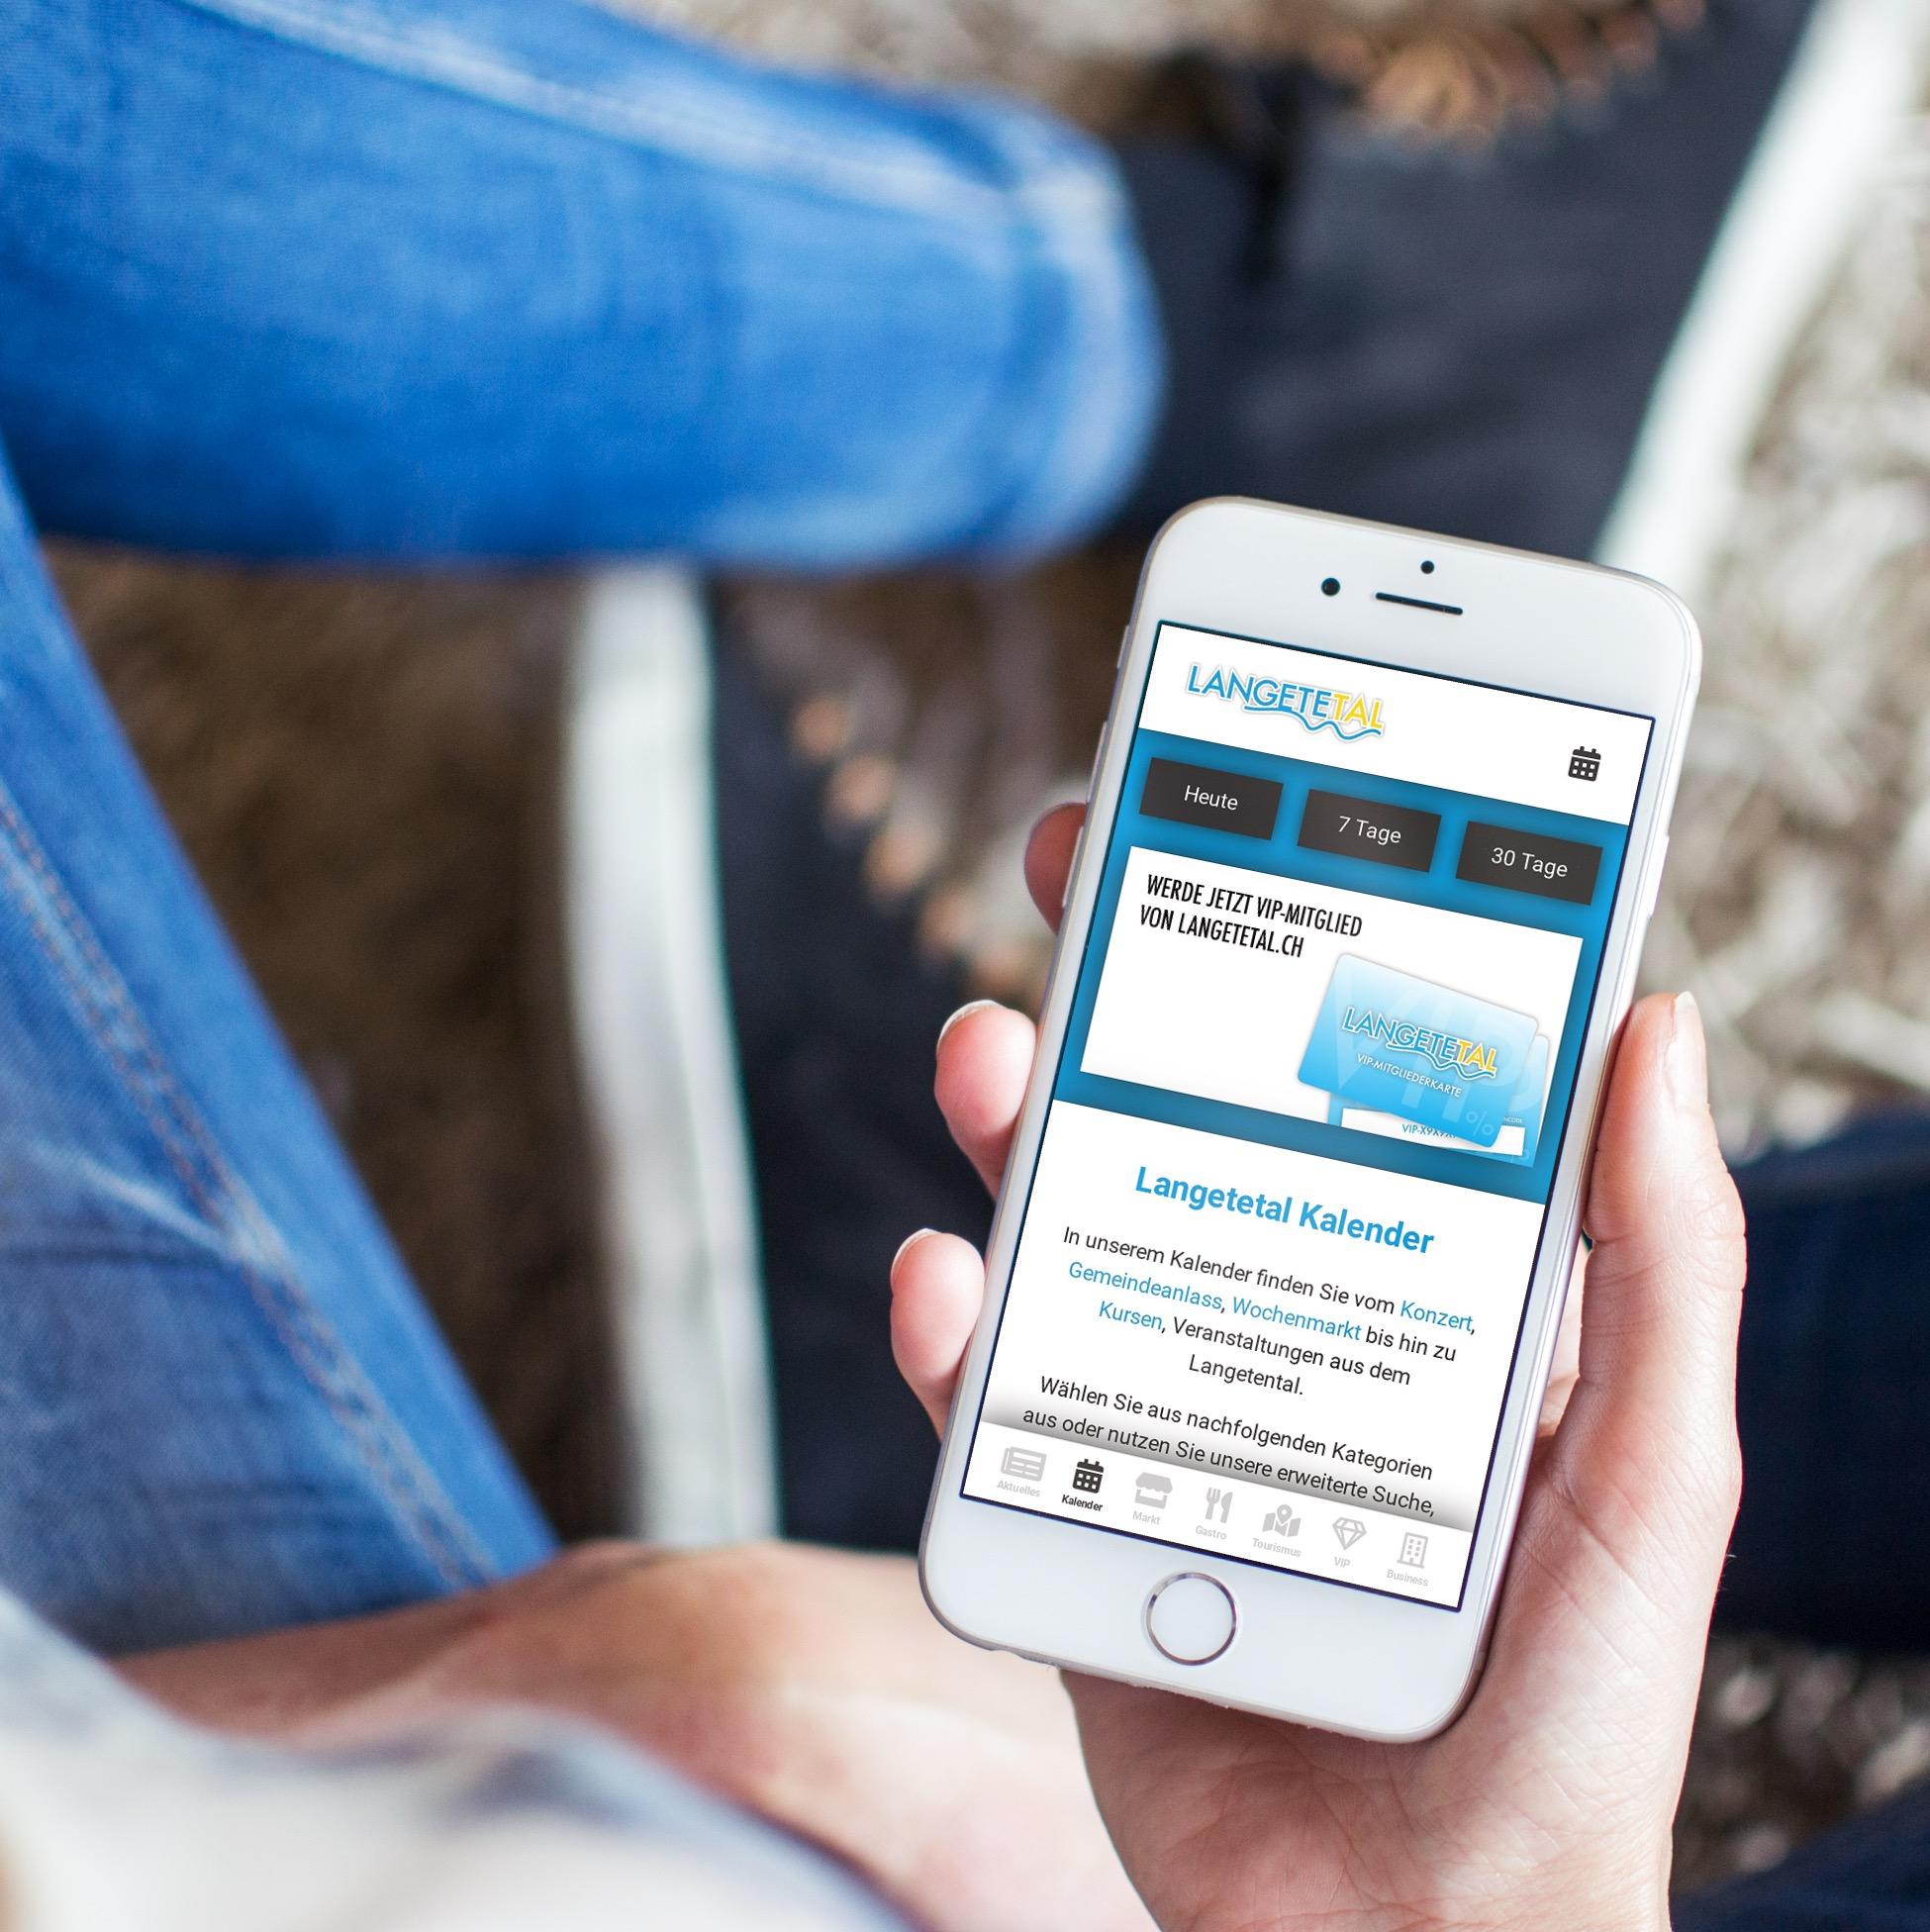 Entwicklung des regionalen Onlineportal Langetetal.ch